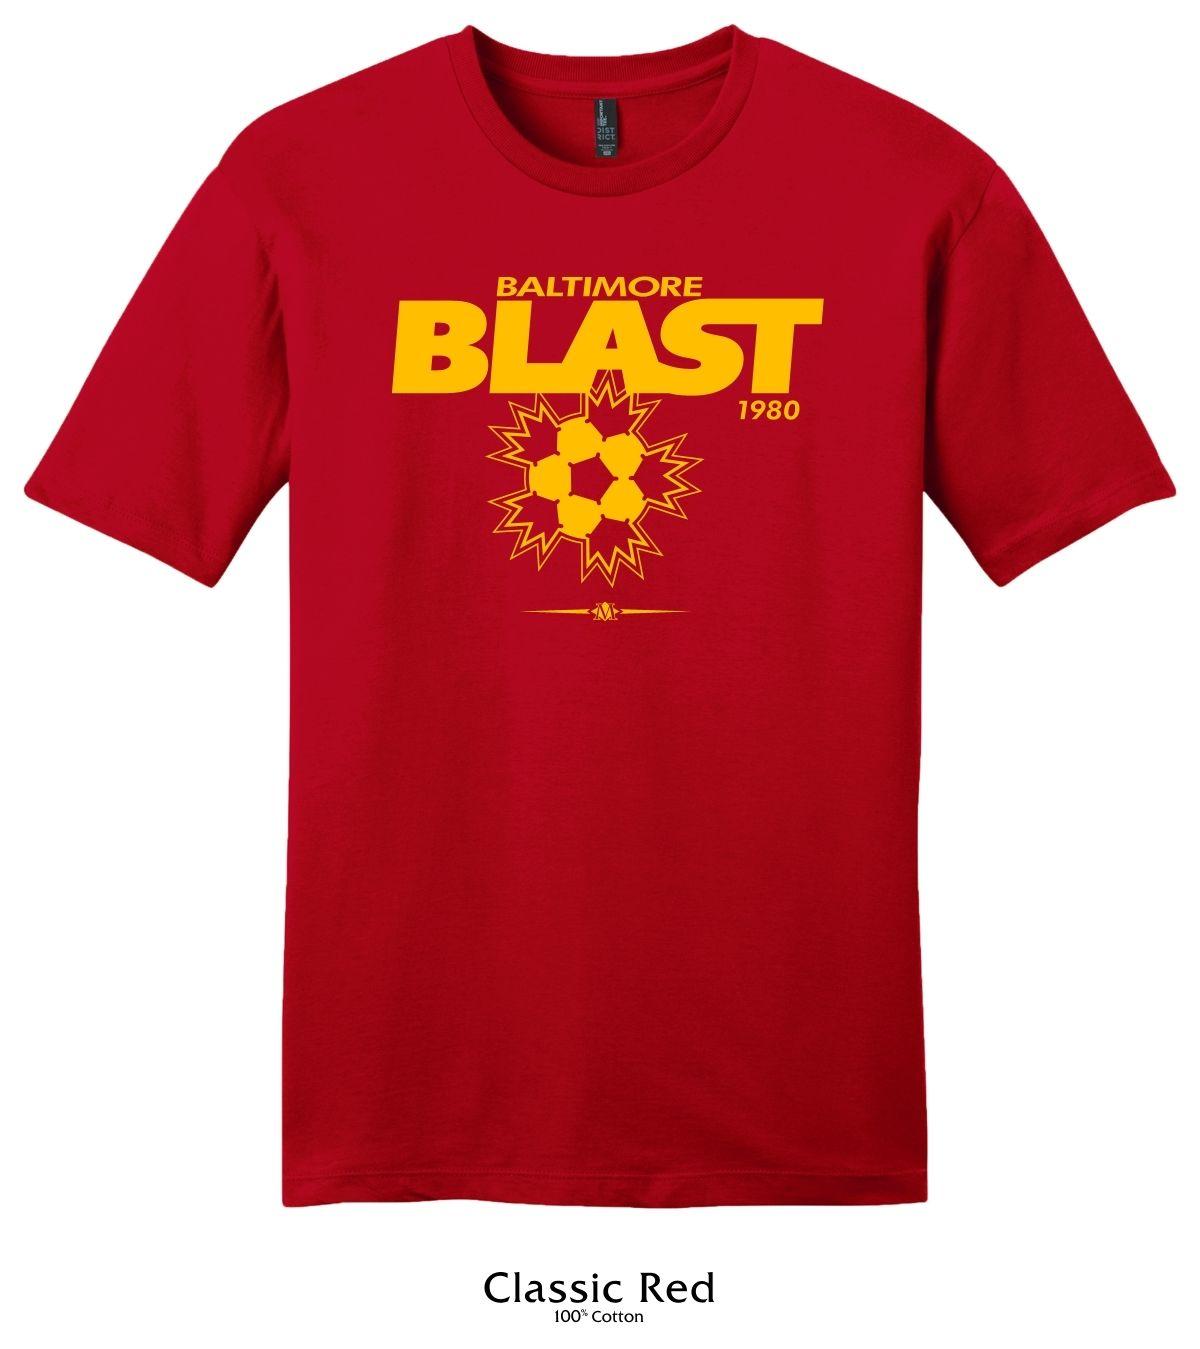 Baltimore Blast Vintage 1980 Logo T-Shirt